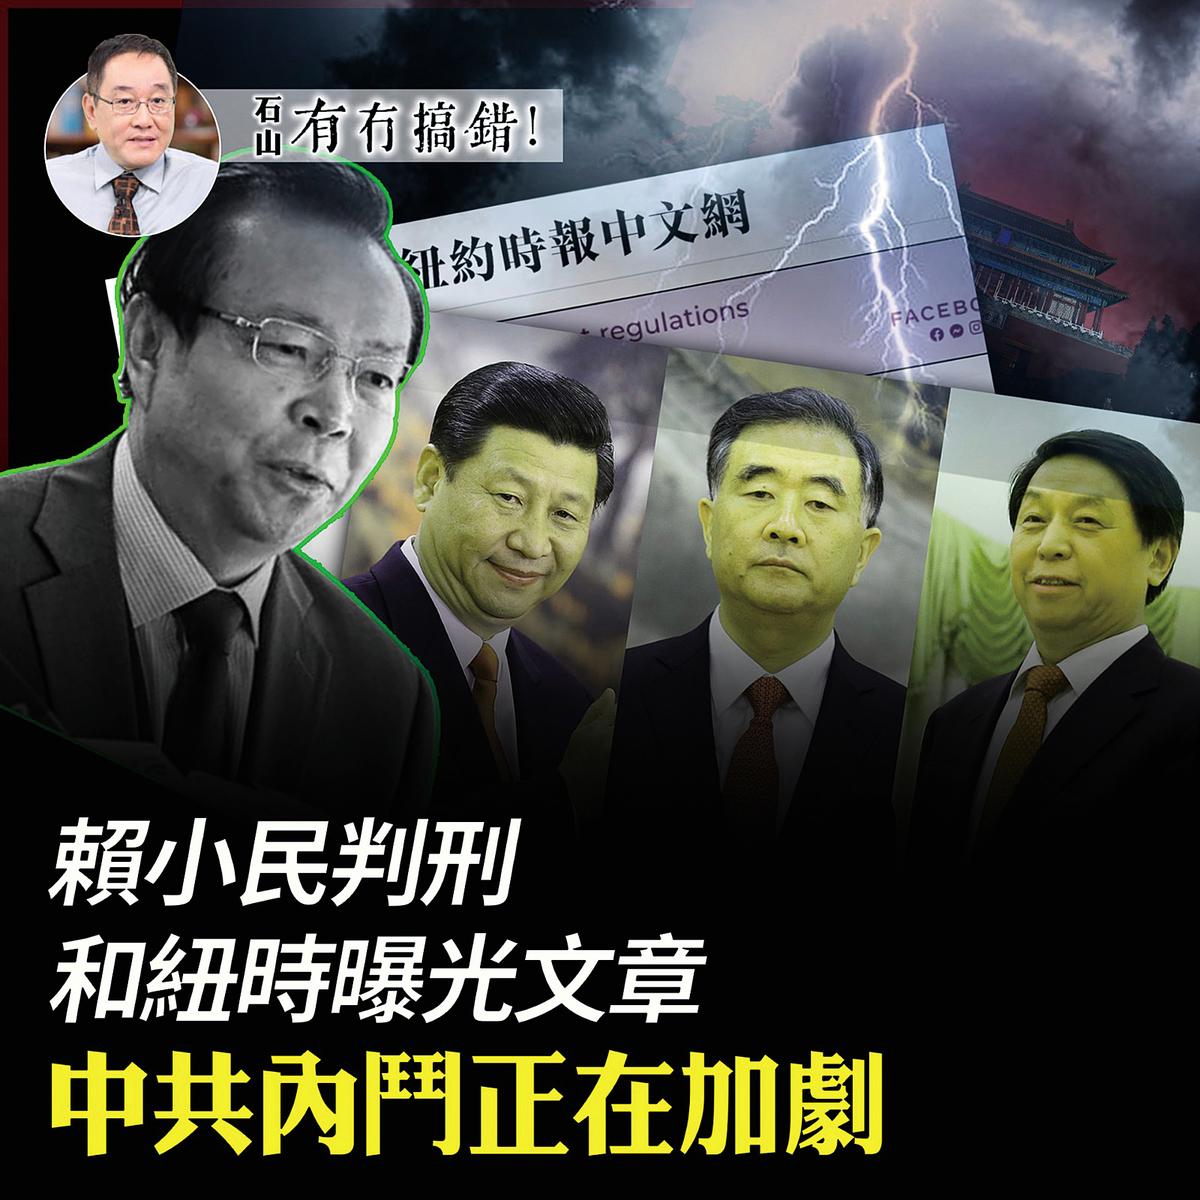 華融賴小民(左)案開庭,《紐時》曝習近平、栗戰書和汪洋家人在港資產。北京權鬥正烈,即將全力加速。(大紀元合成圖)